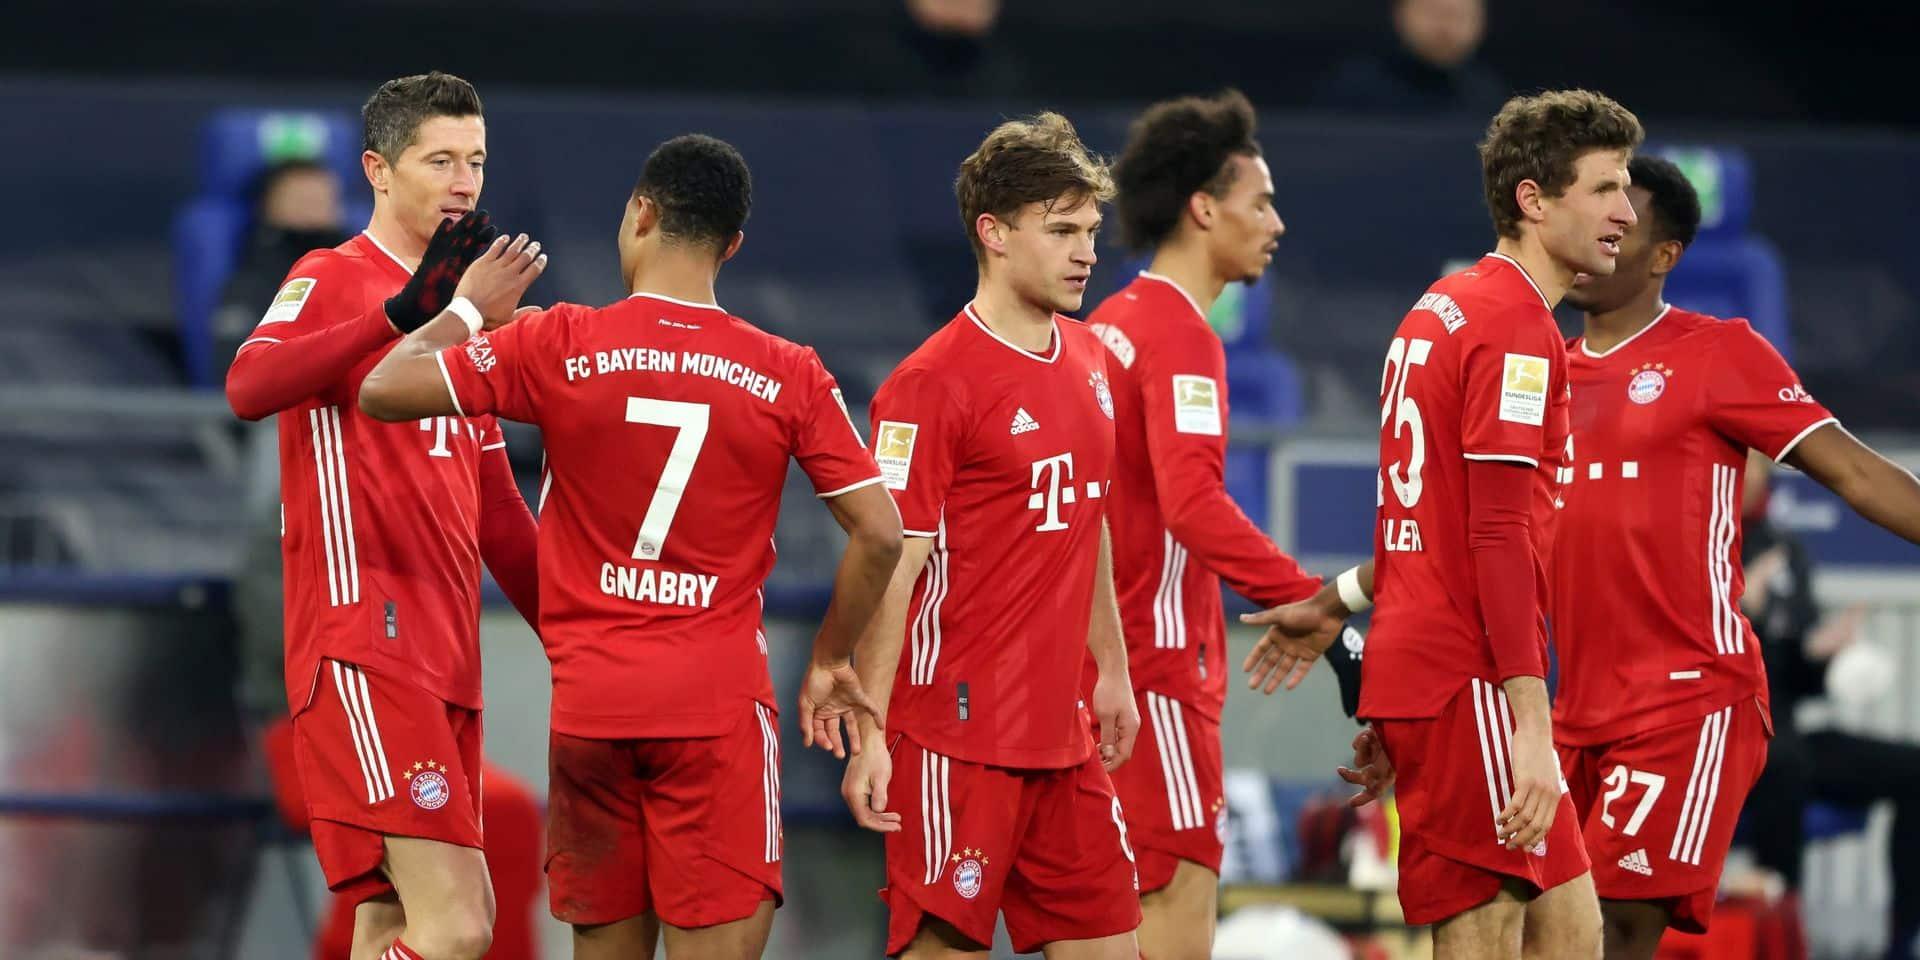 Deux joueurs du Bayern Munich positifs au coronavirus